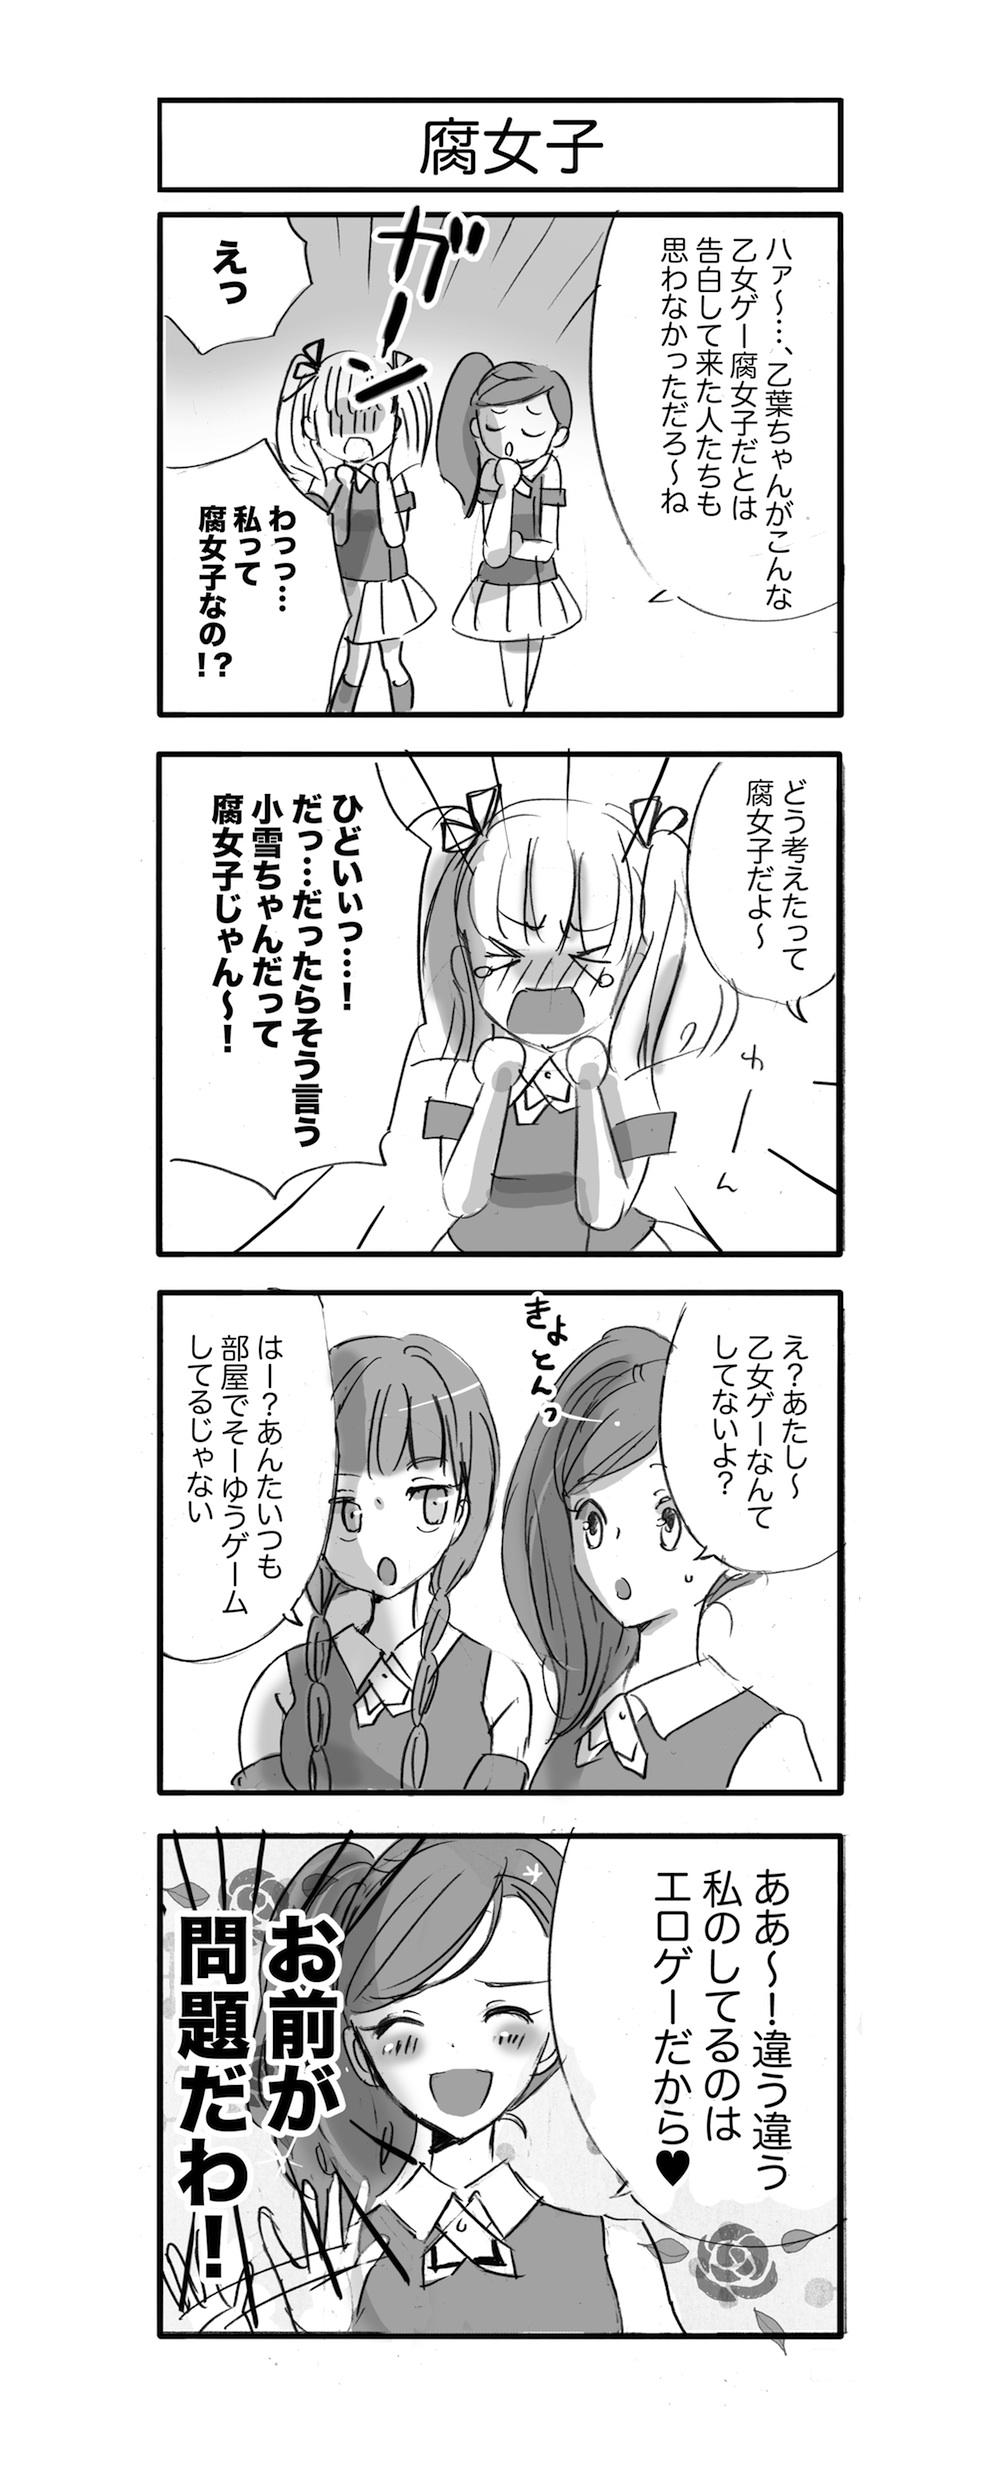 ゲーム女子マンガ 腐女子